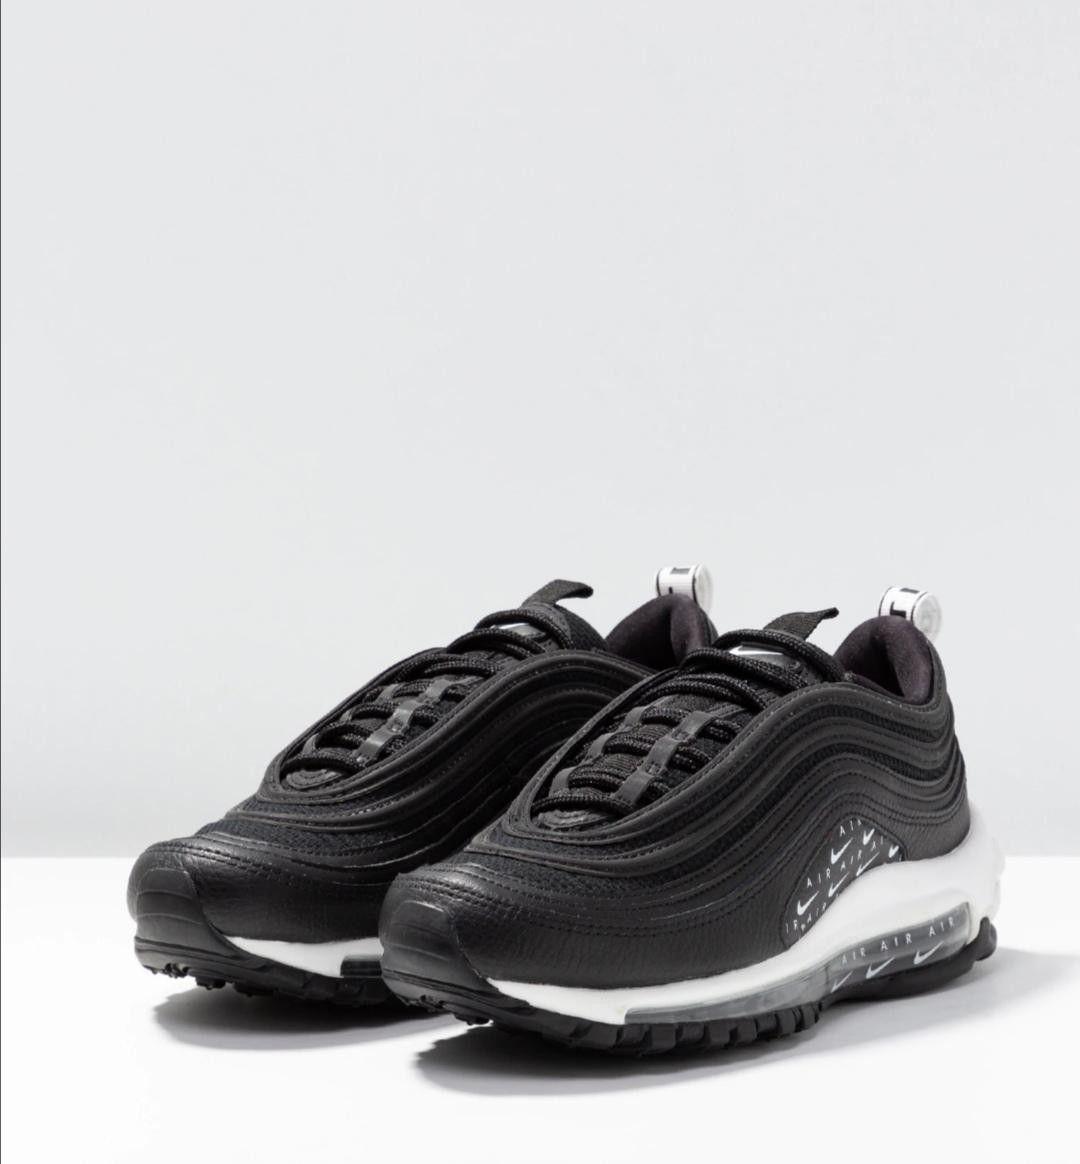 Nike air max joggesko str. 38 | FINN.no